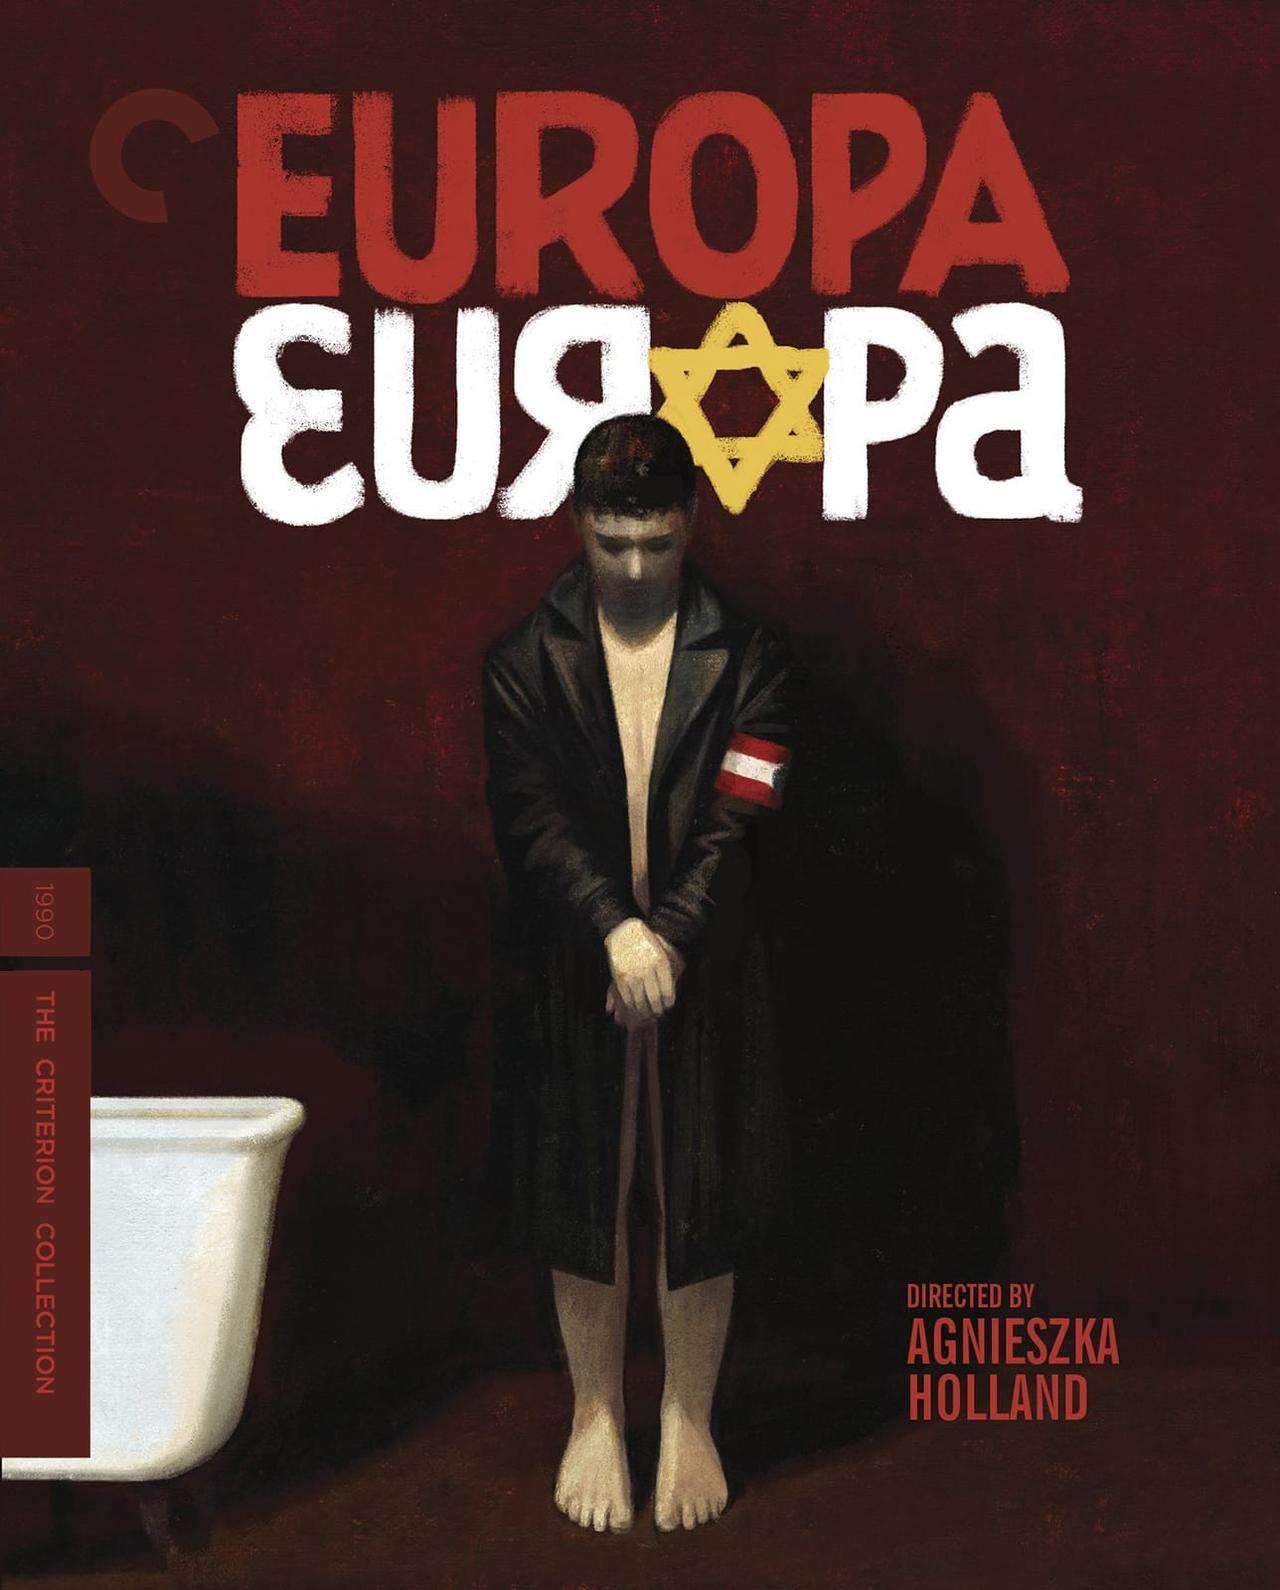 画像: アグニェシュカ・ホラン監督作『僕を愛したふたつの国/ヨーロッパ ヨーロッパ』【クライテリオンNEWリリース】